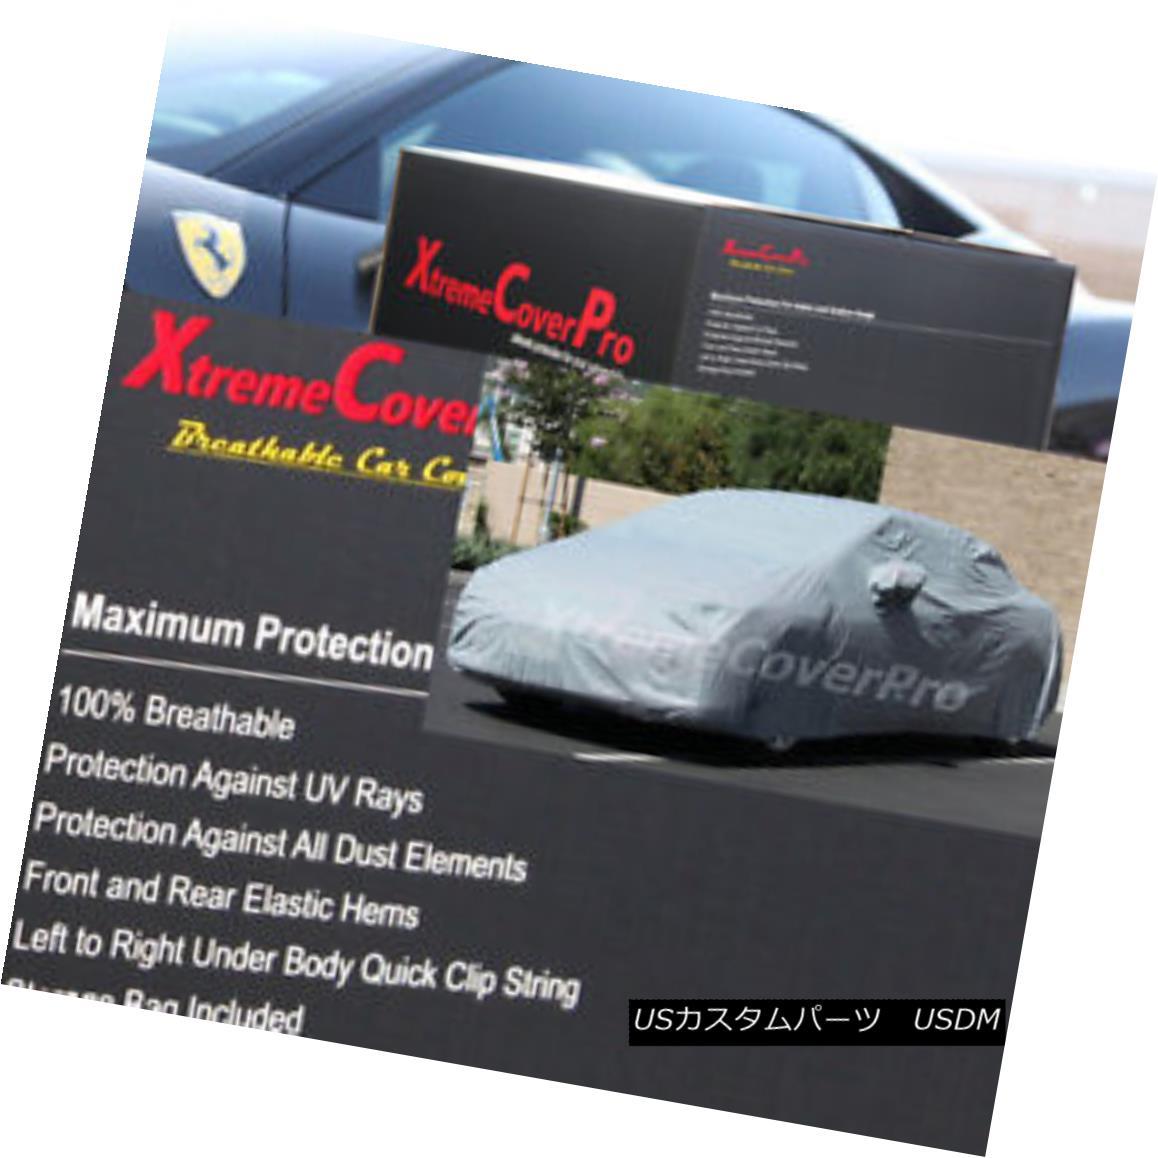 カーカバー Breathable Car Cover w/Mirror Pockets Gray fits 2010 2011 HYUNDAI GENESIS SEDAN ミラーポケット付き通気性車カバーグレーフィット2010年2011 HYUNDAI GENESIS SEDAN